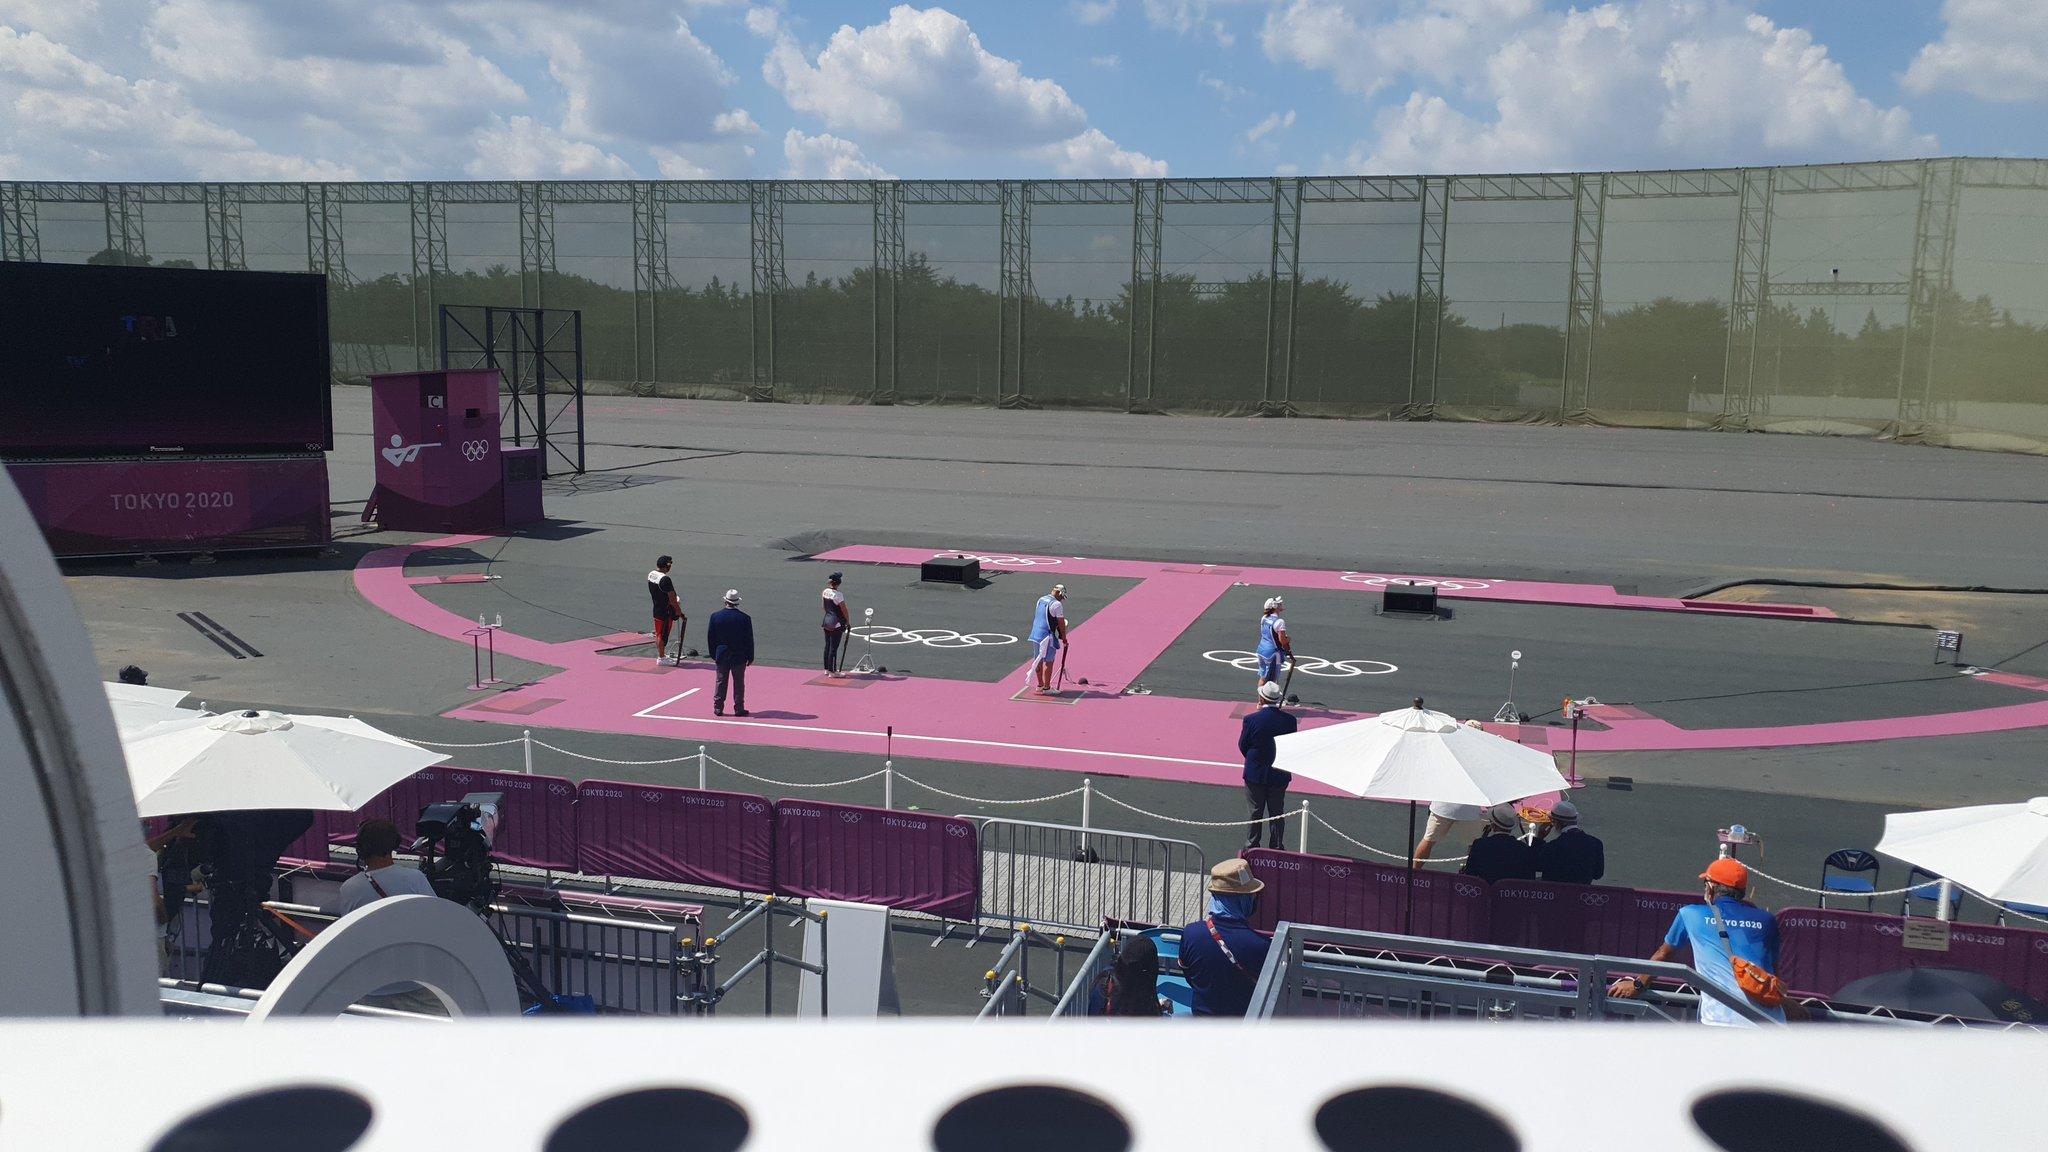 Asaka acoge la final de tiro de los Juegos de Tokio.